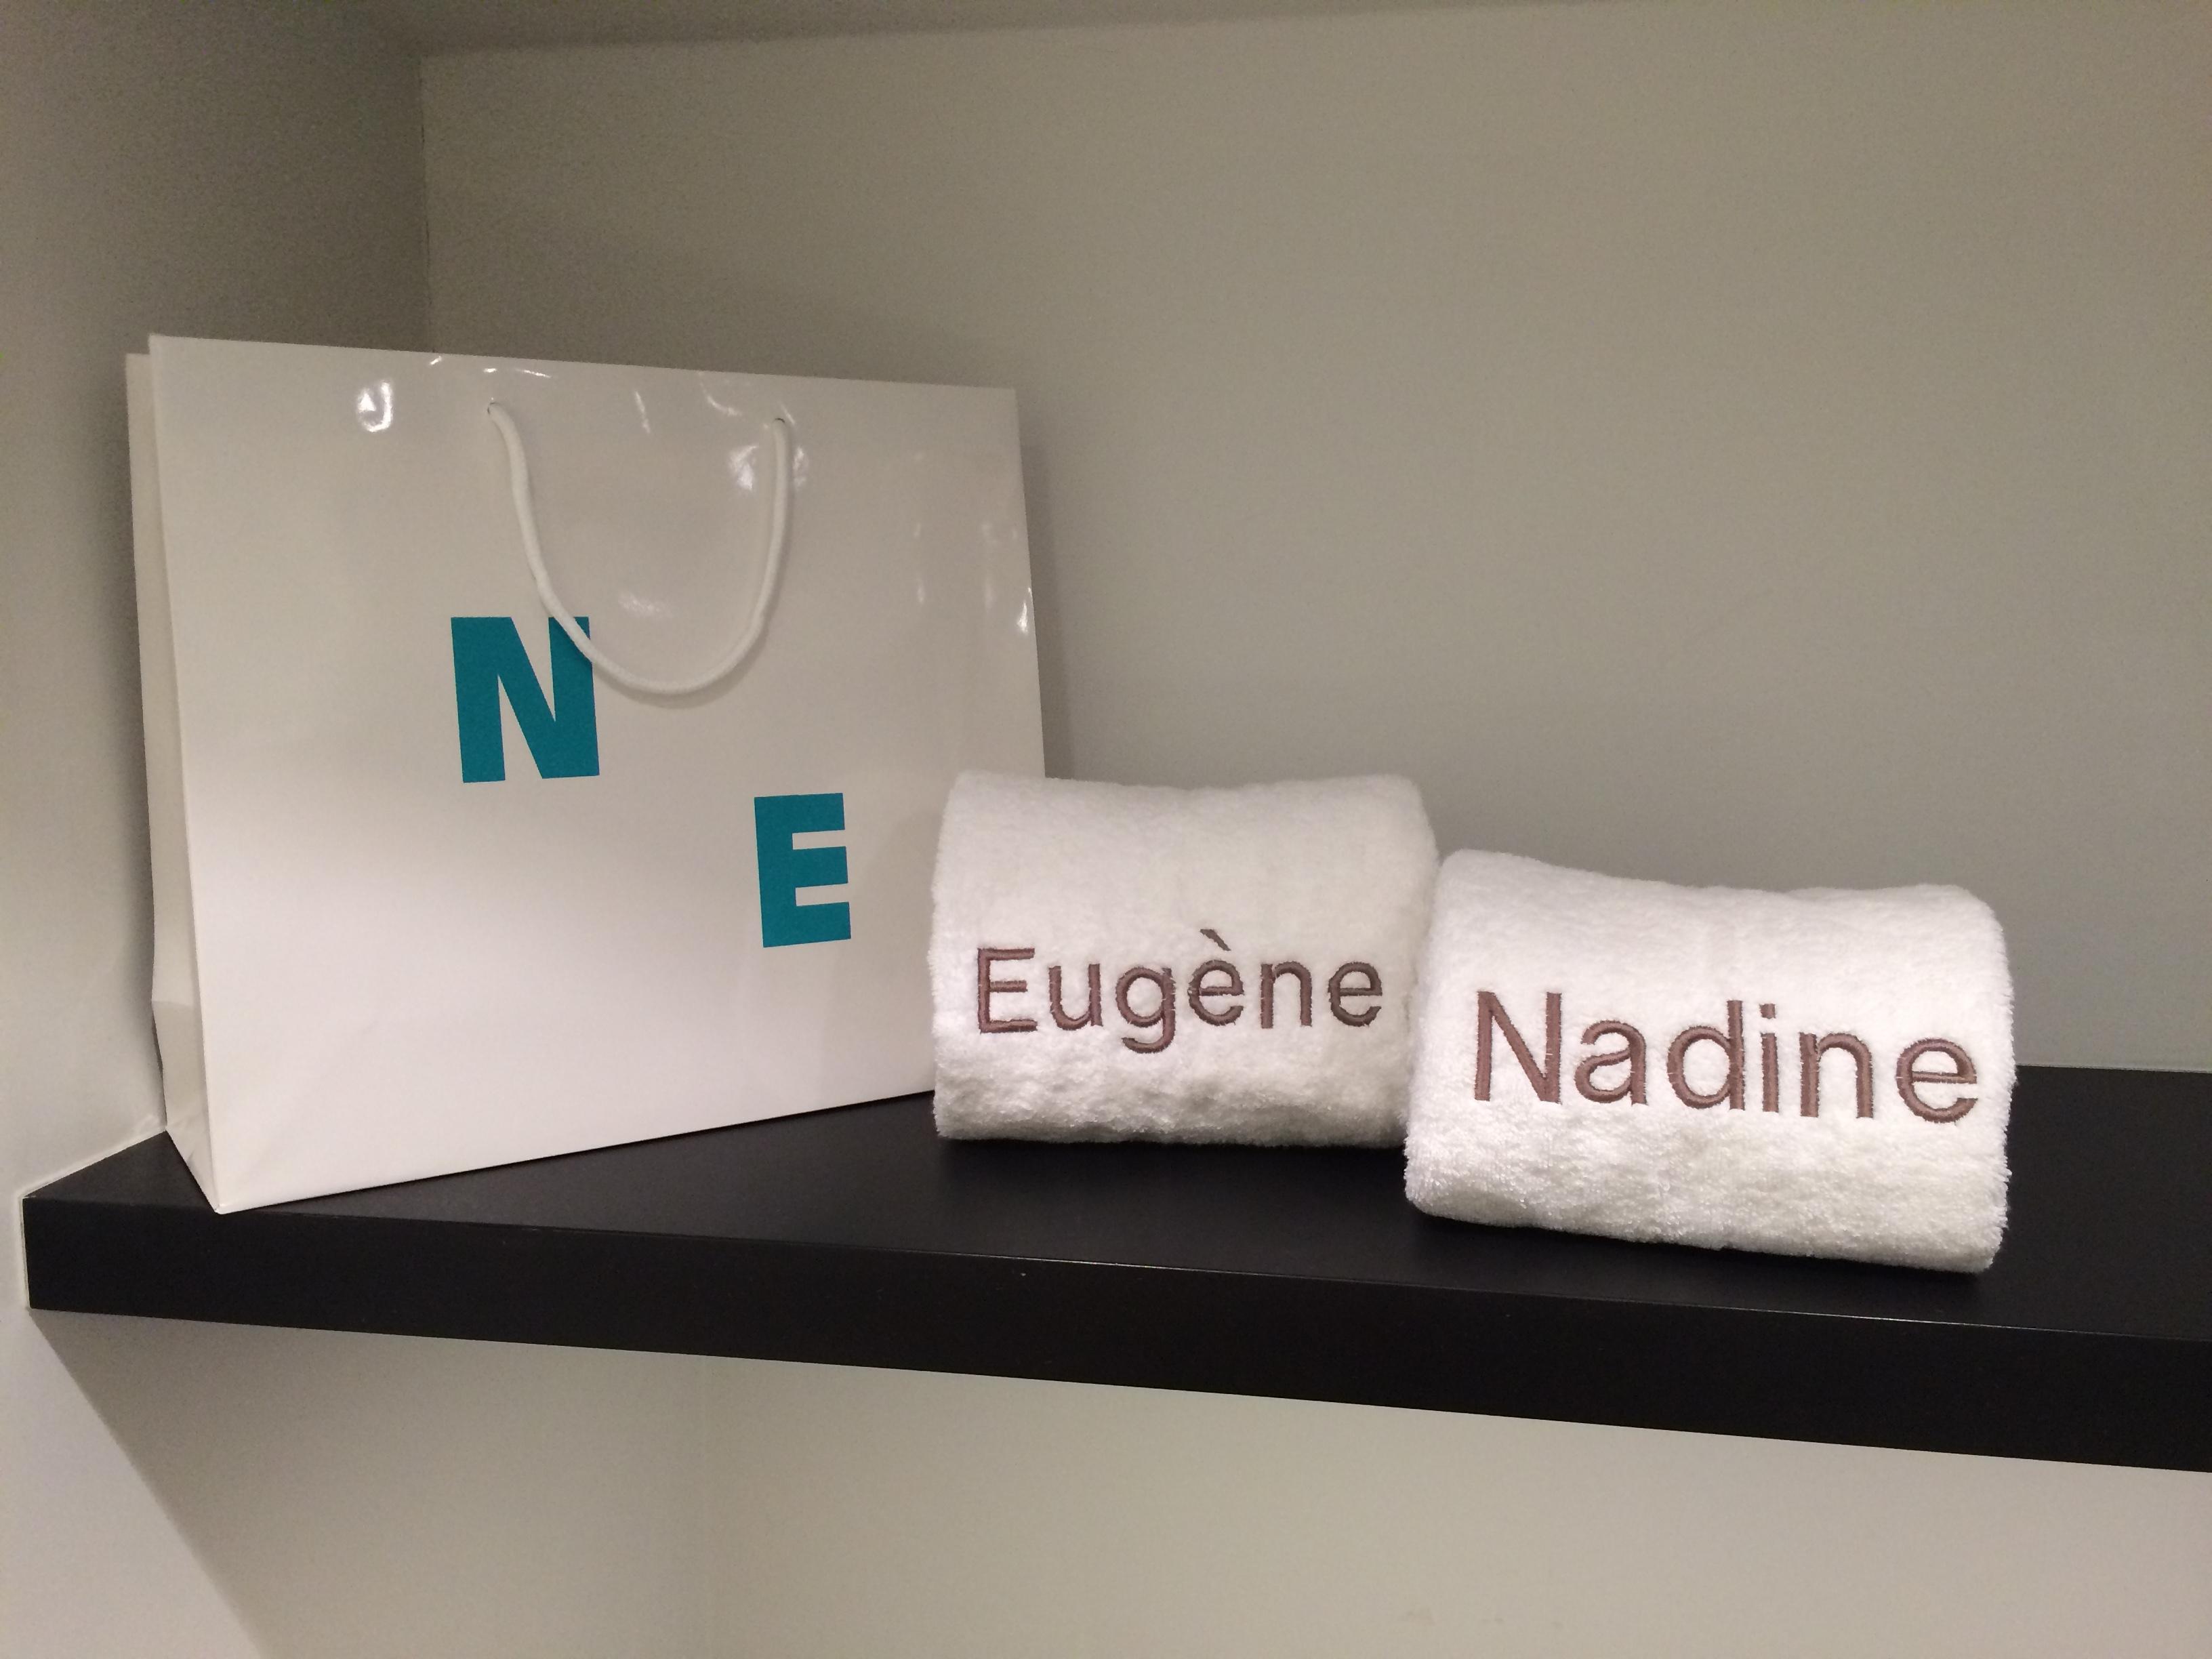 Eugène & Nadine_02